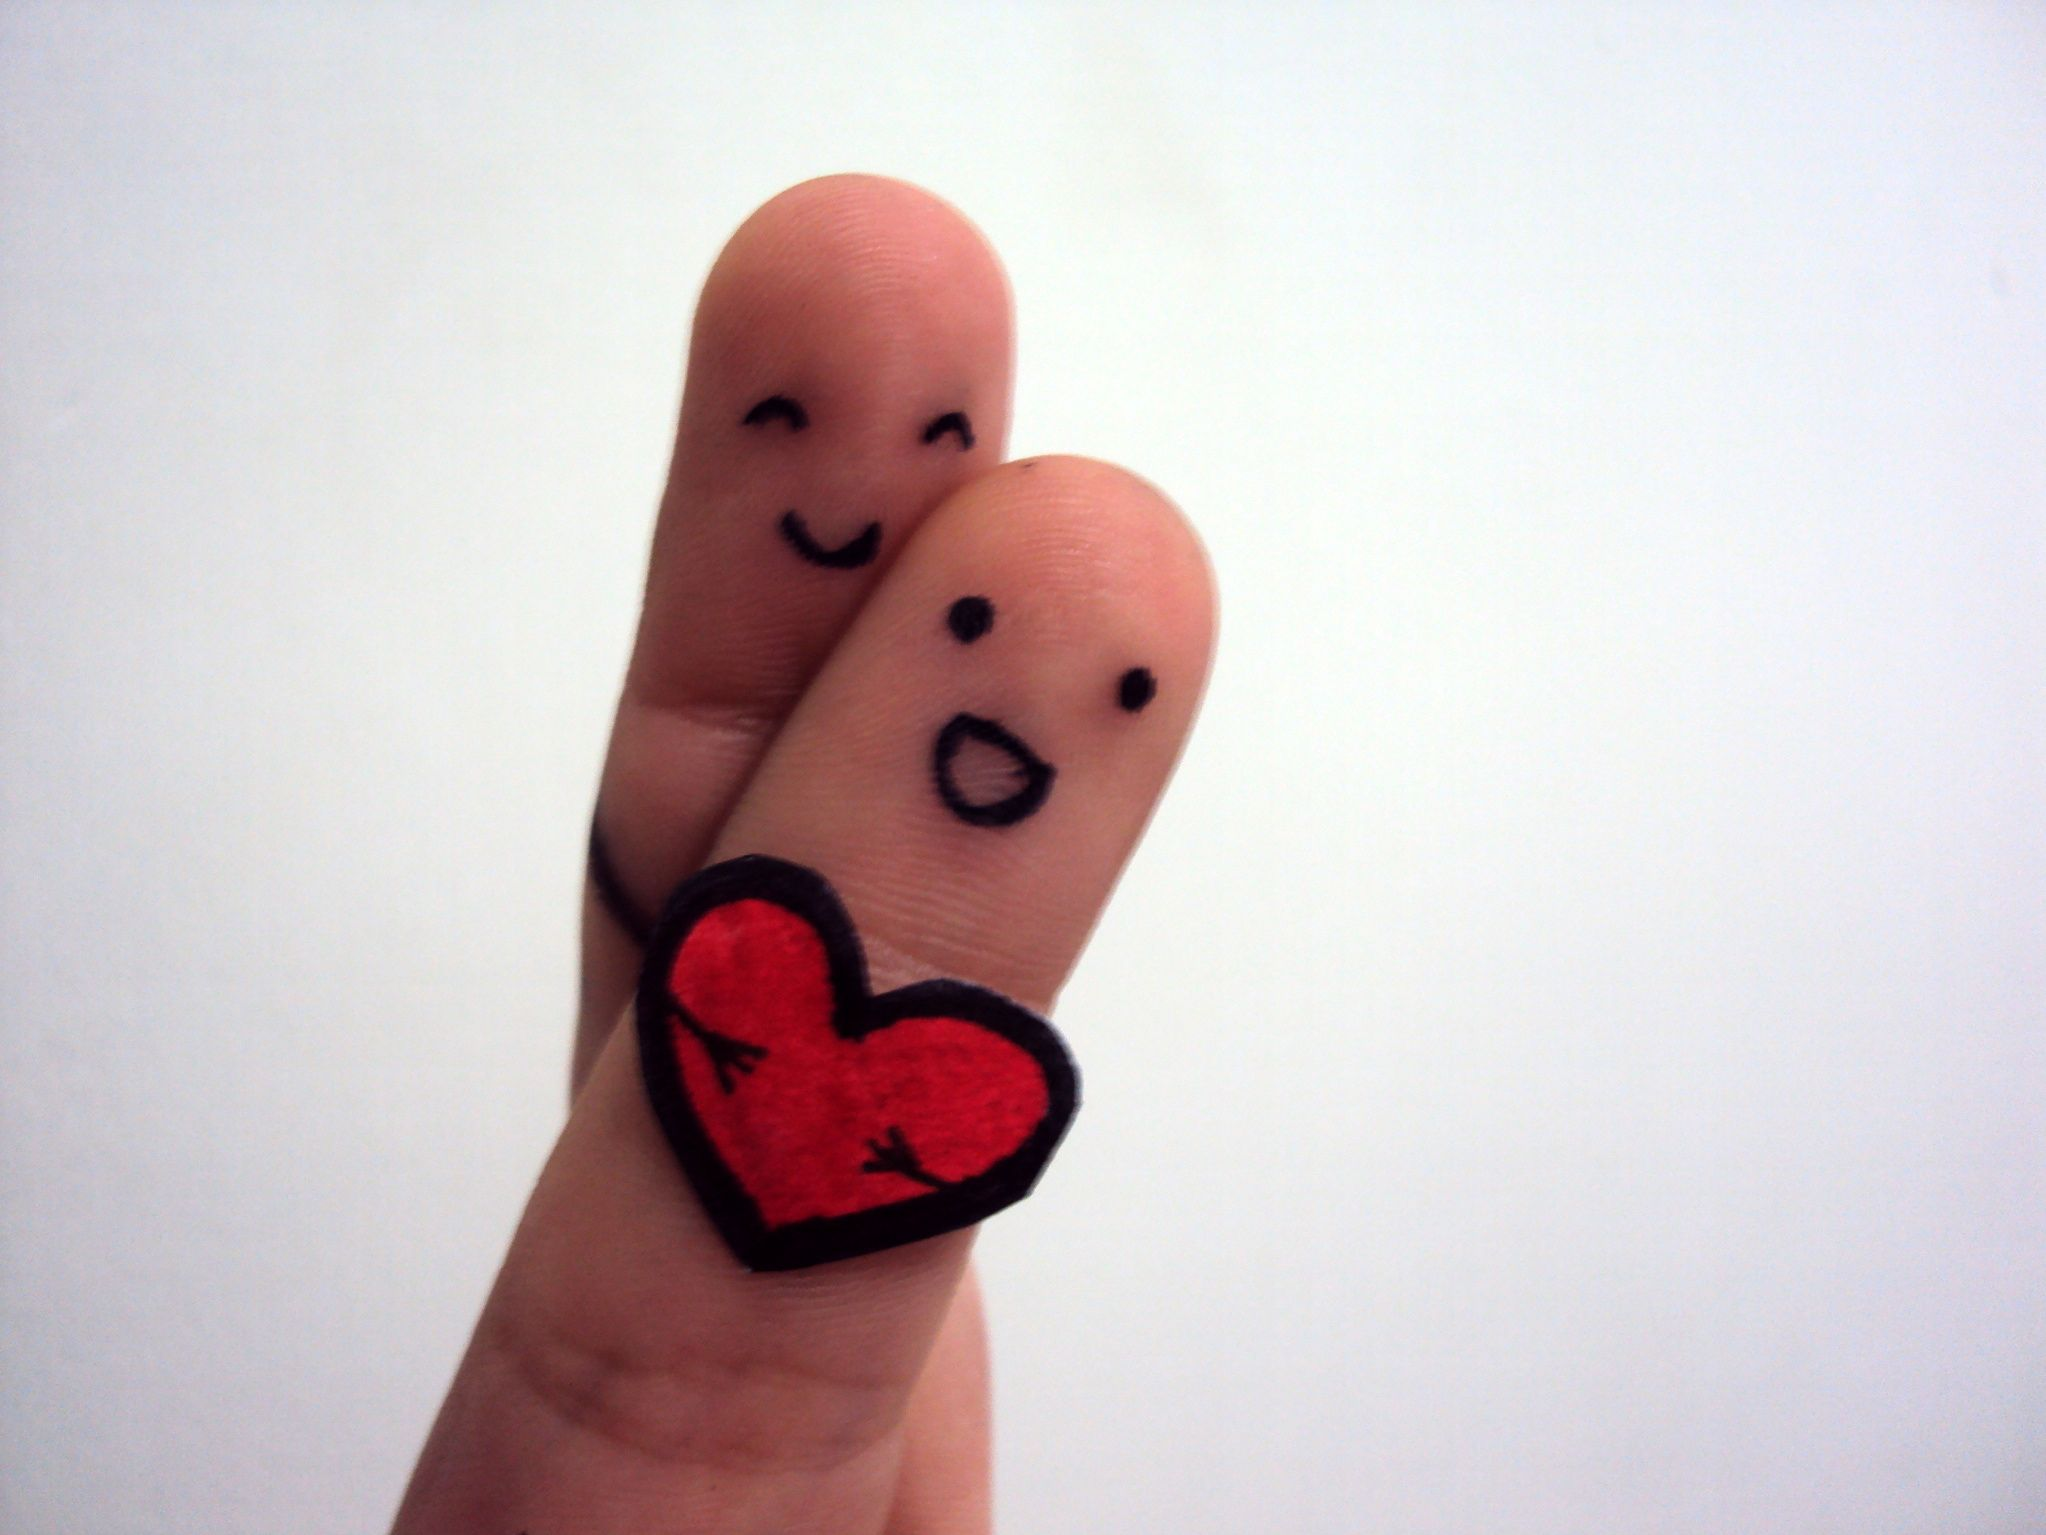 ¿Crees Que El Día De San Valentin Se Creo Para Que La Gente Compre Cosas